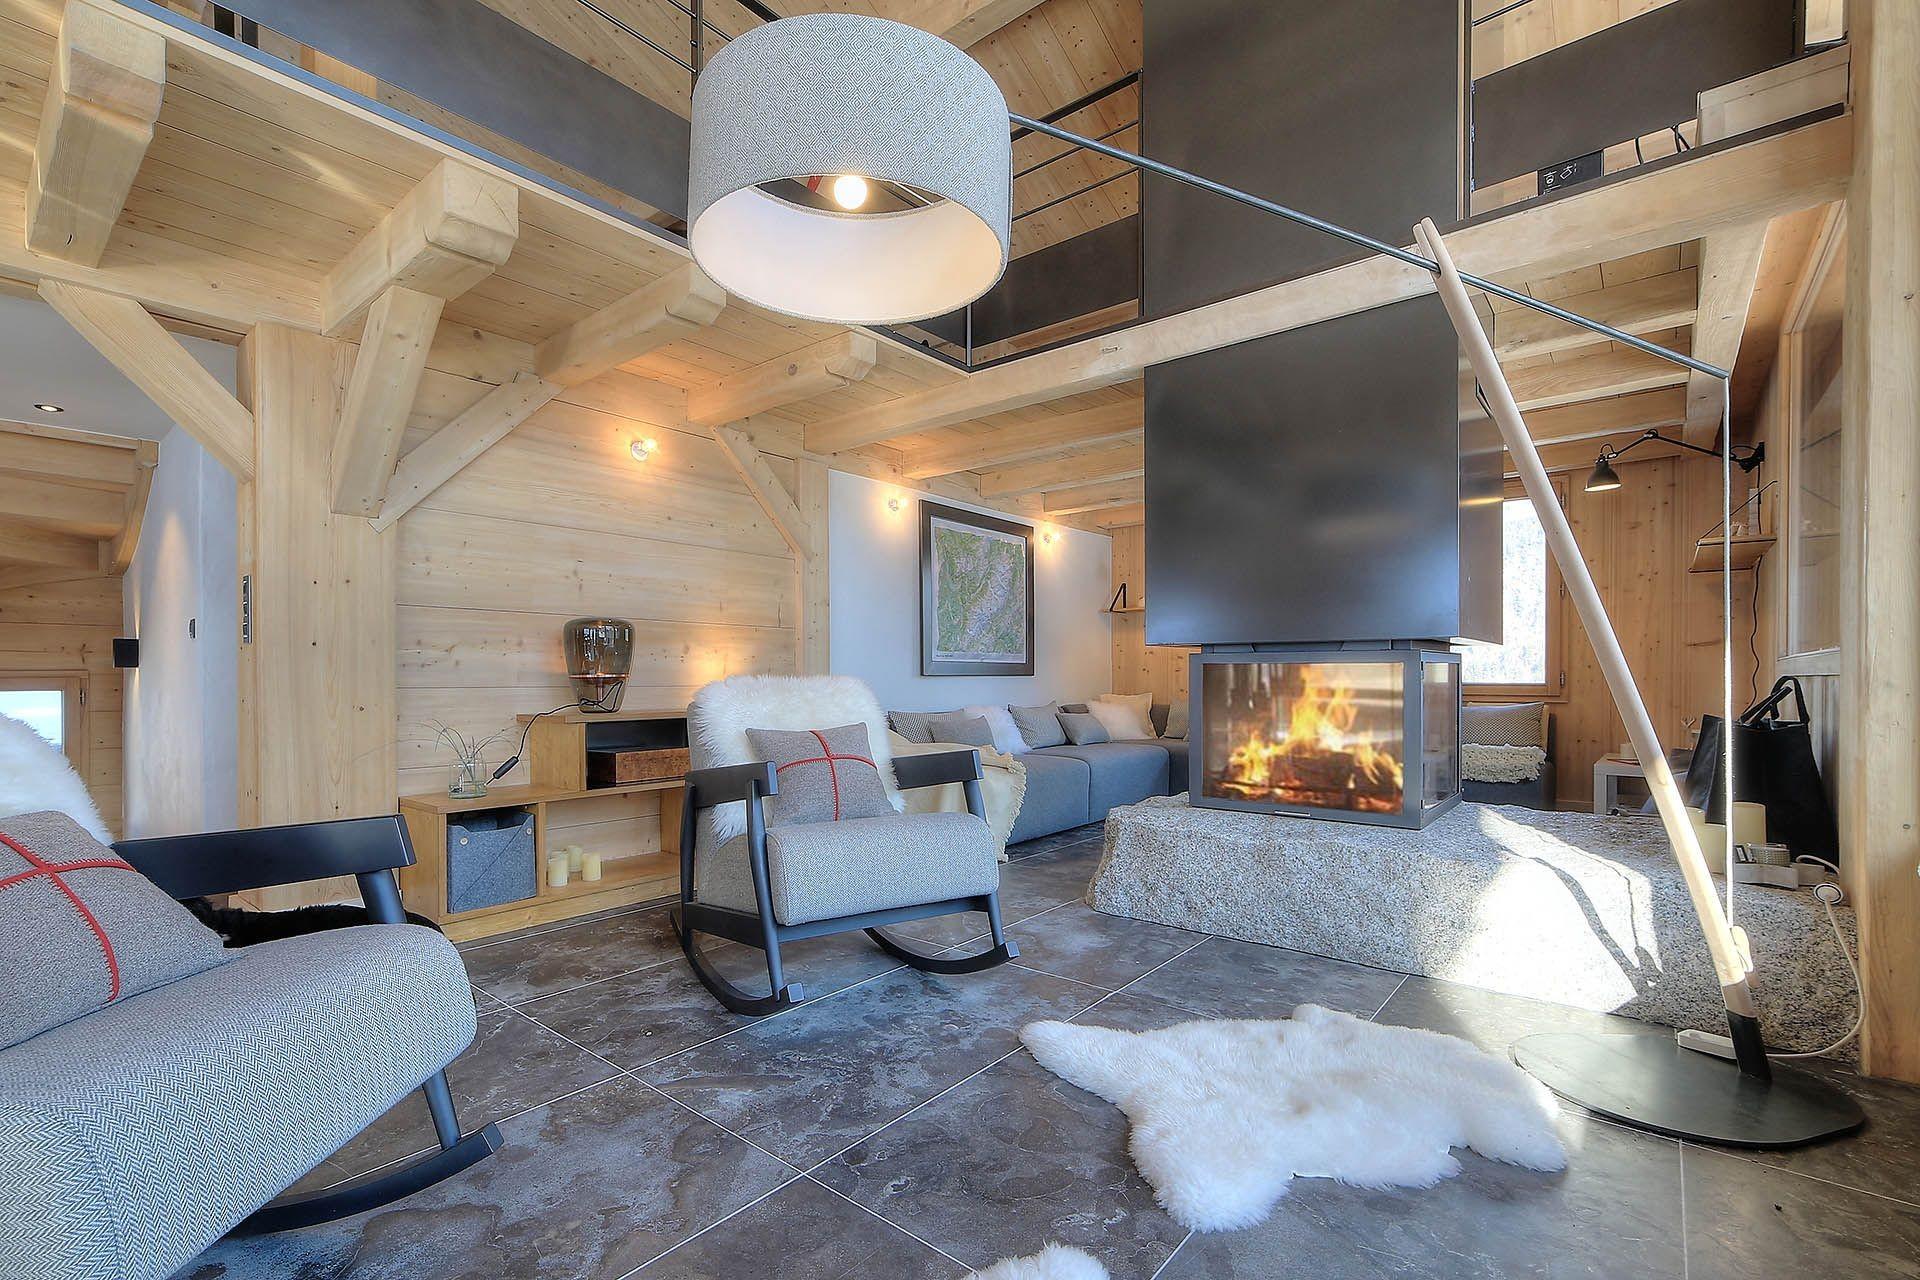 Chamonix Location Chalet Luxe Palambri Salon